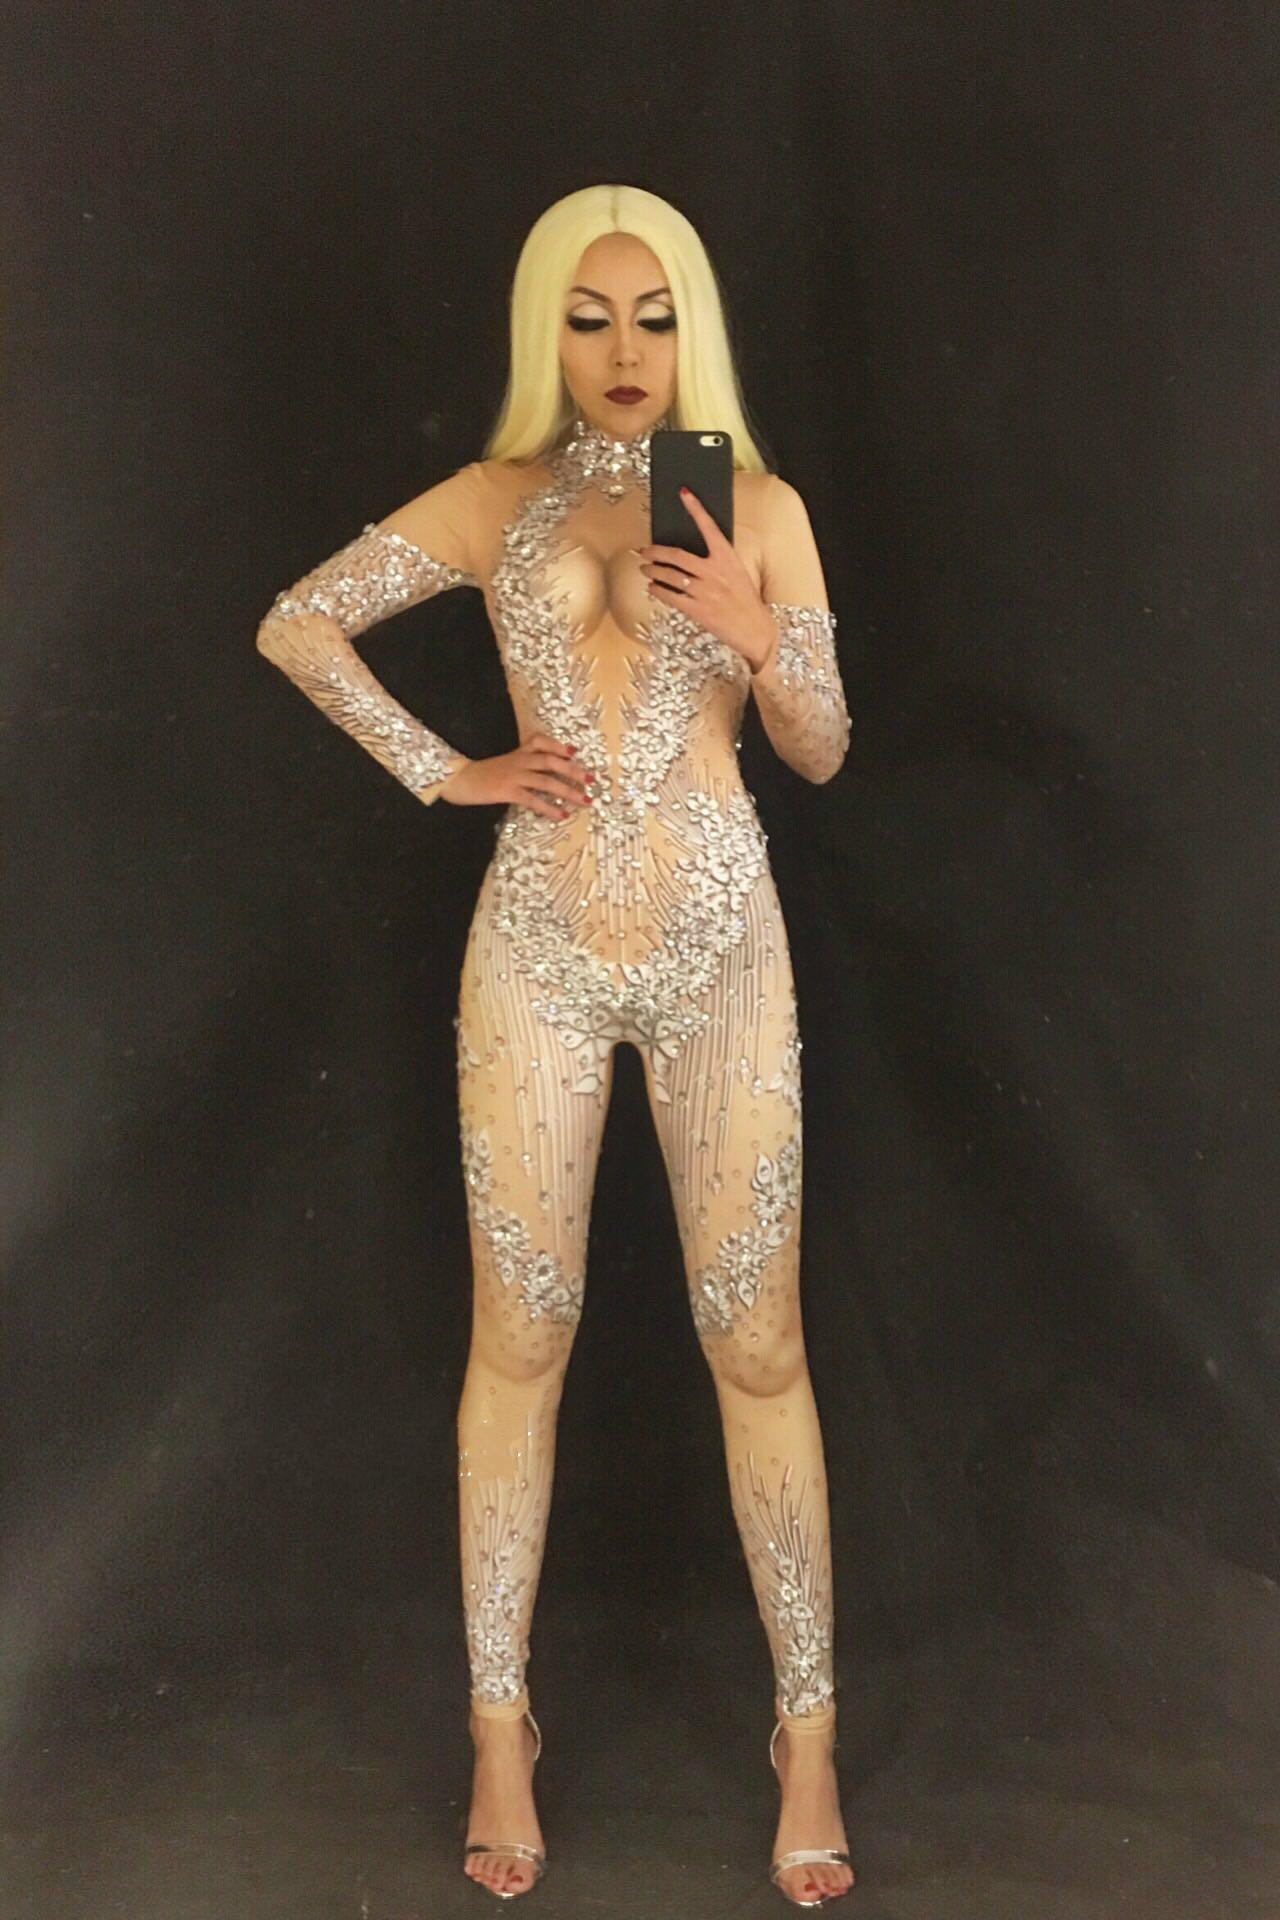 Scintillant Discothèque Célébrer Cristaux Stage Luxueux Performance Baalmar Photo Woemn De Salopette Outfit Costume Body Danse Color Parti Sexy gCqRnw5H